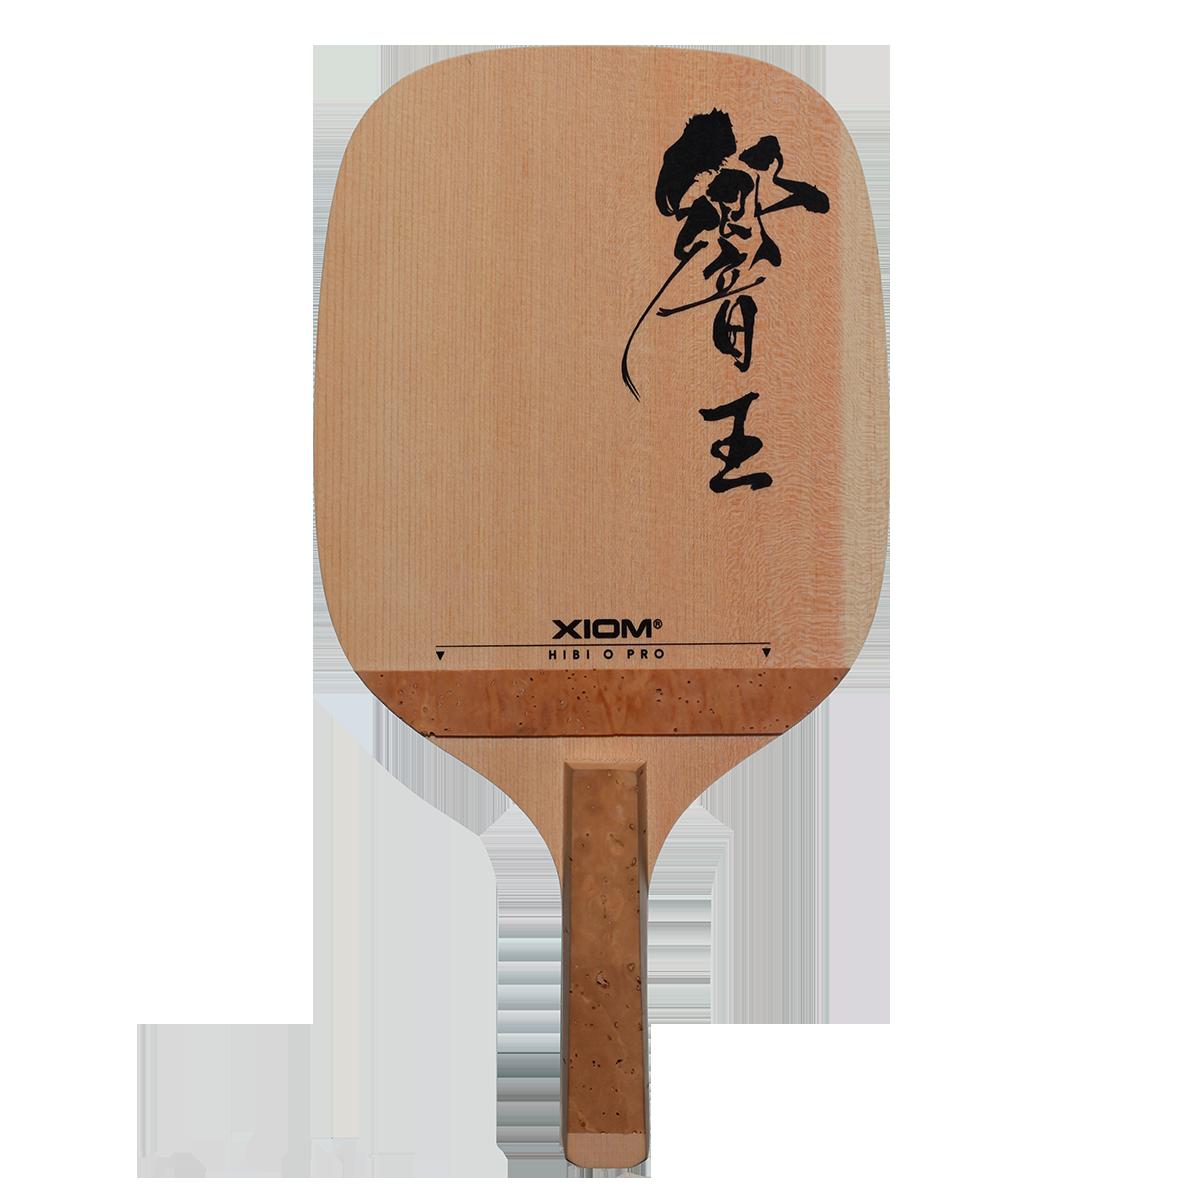 Xiom Hibi O Pro Blade,骄猛響王Hibi O 专业日式直板